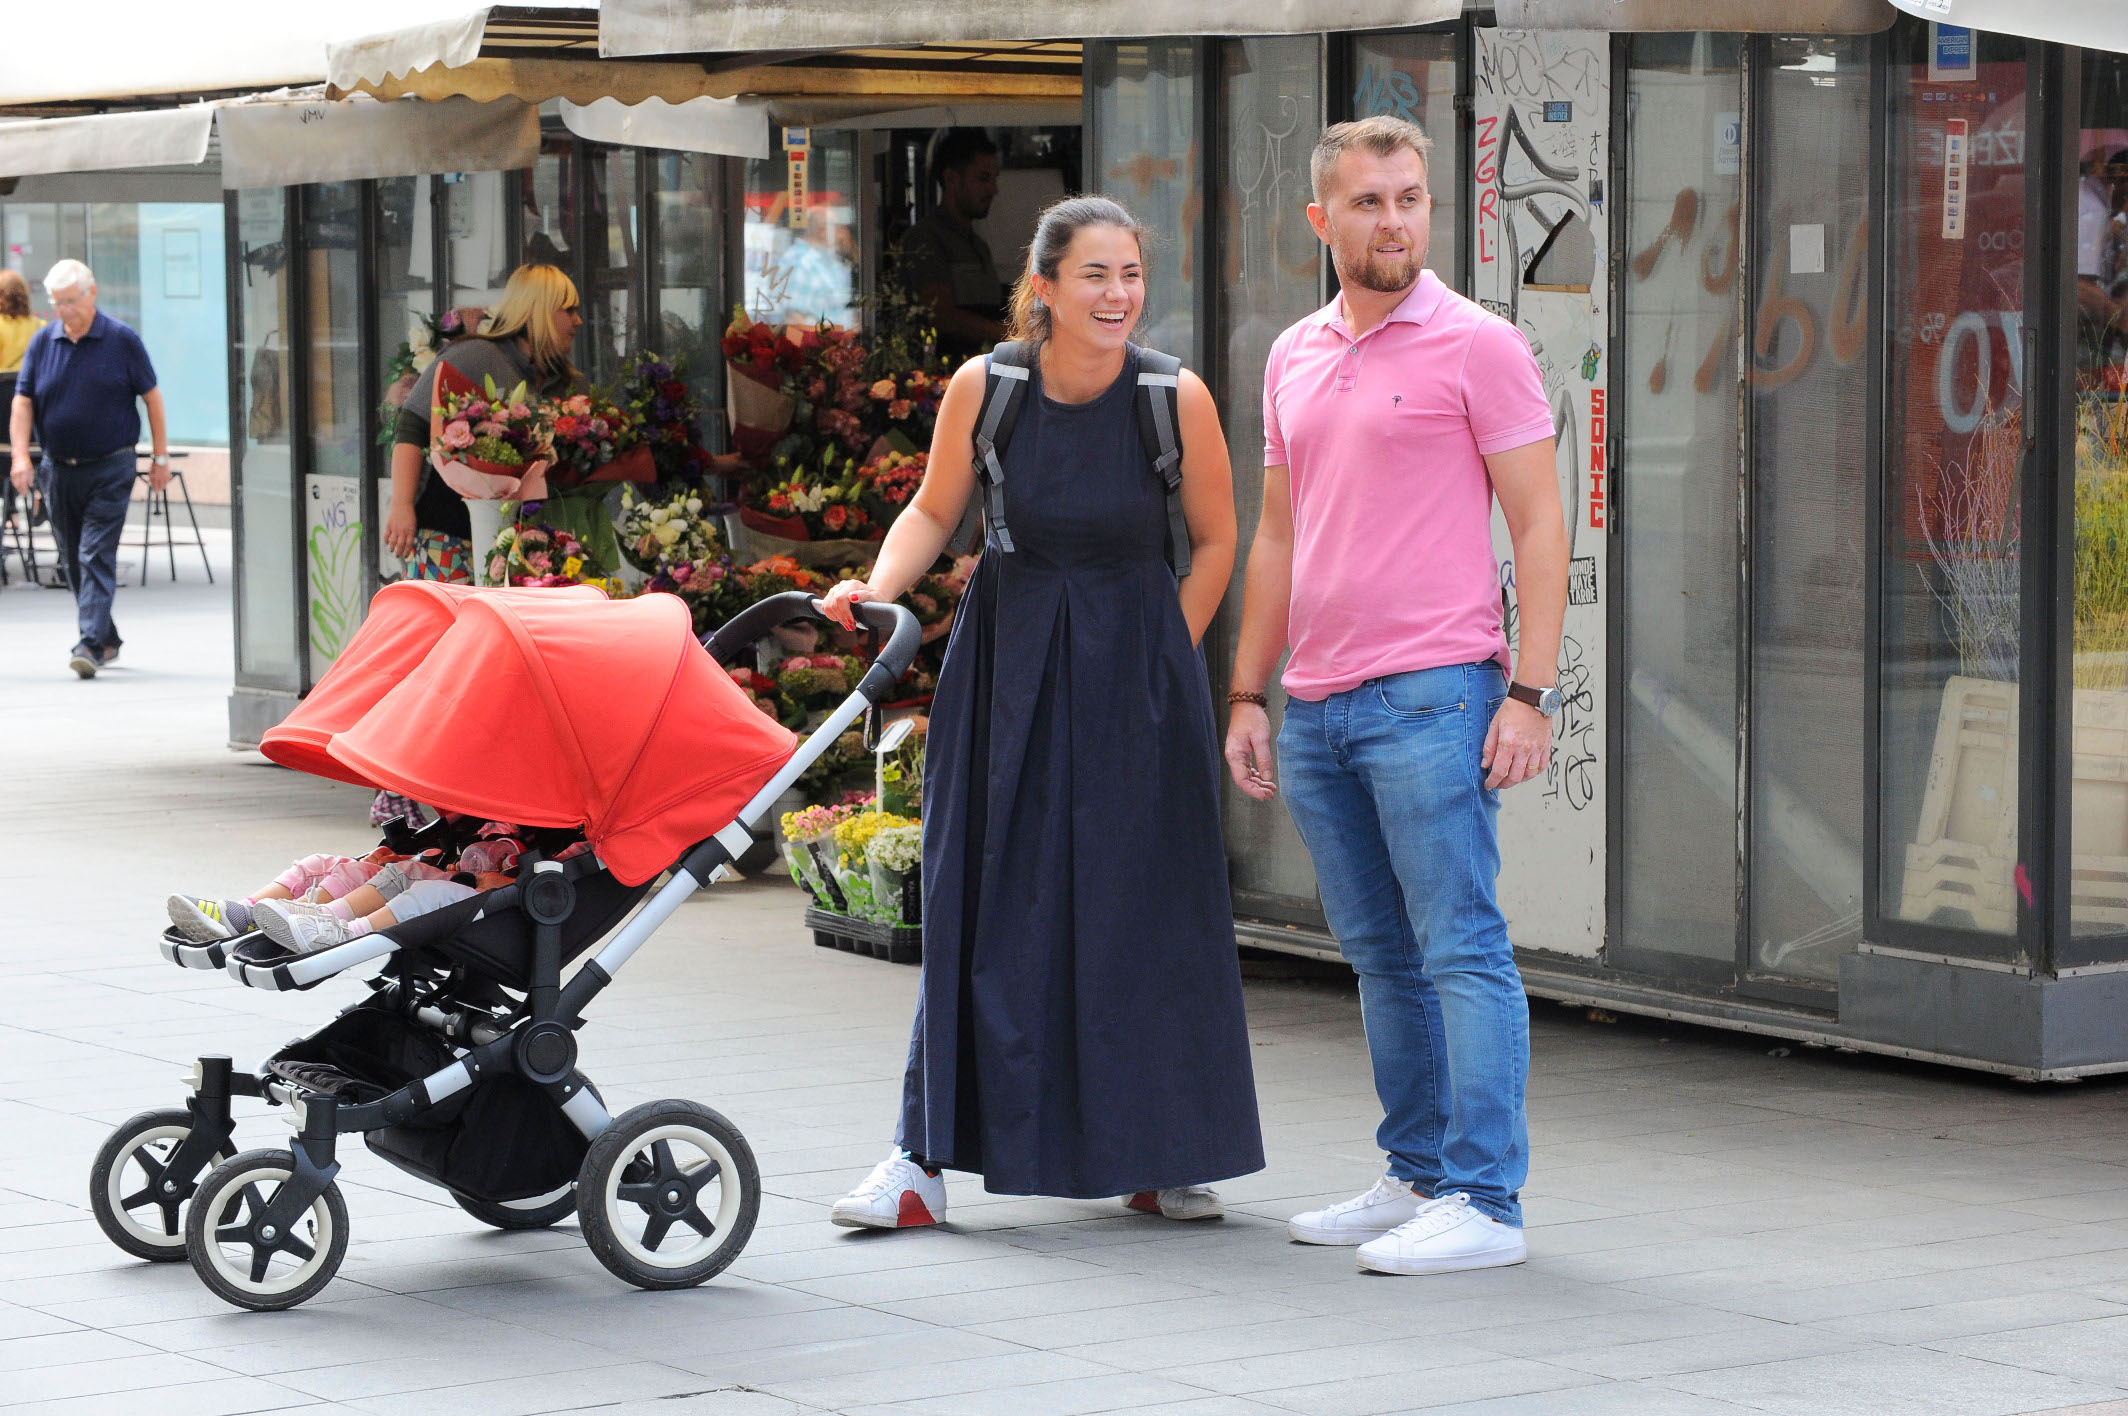 Spica / Zagreb 08.09.2018. / foto: Davor Matota / Mirna Medakovic i suprug Hrvoje Stepinac i kcerke Kaja i Zora